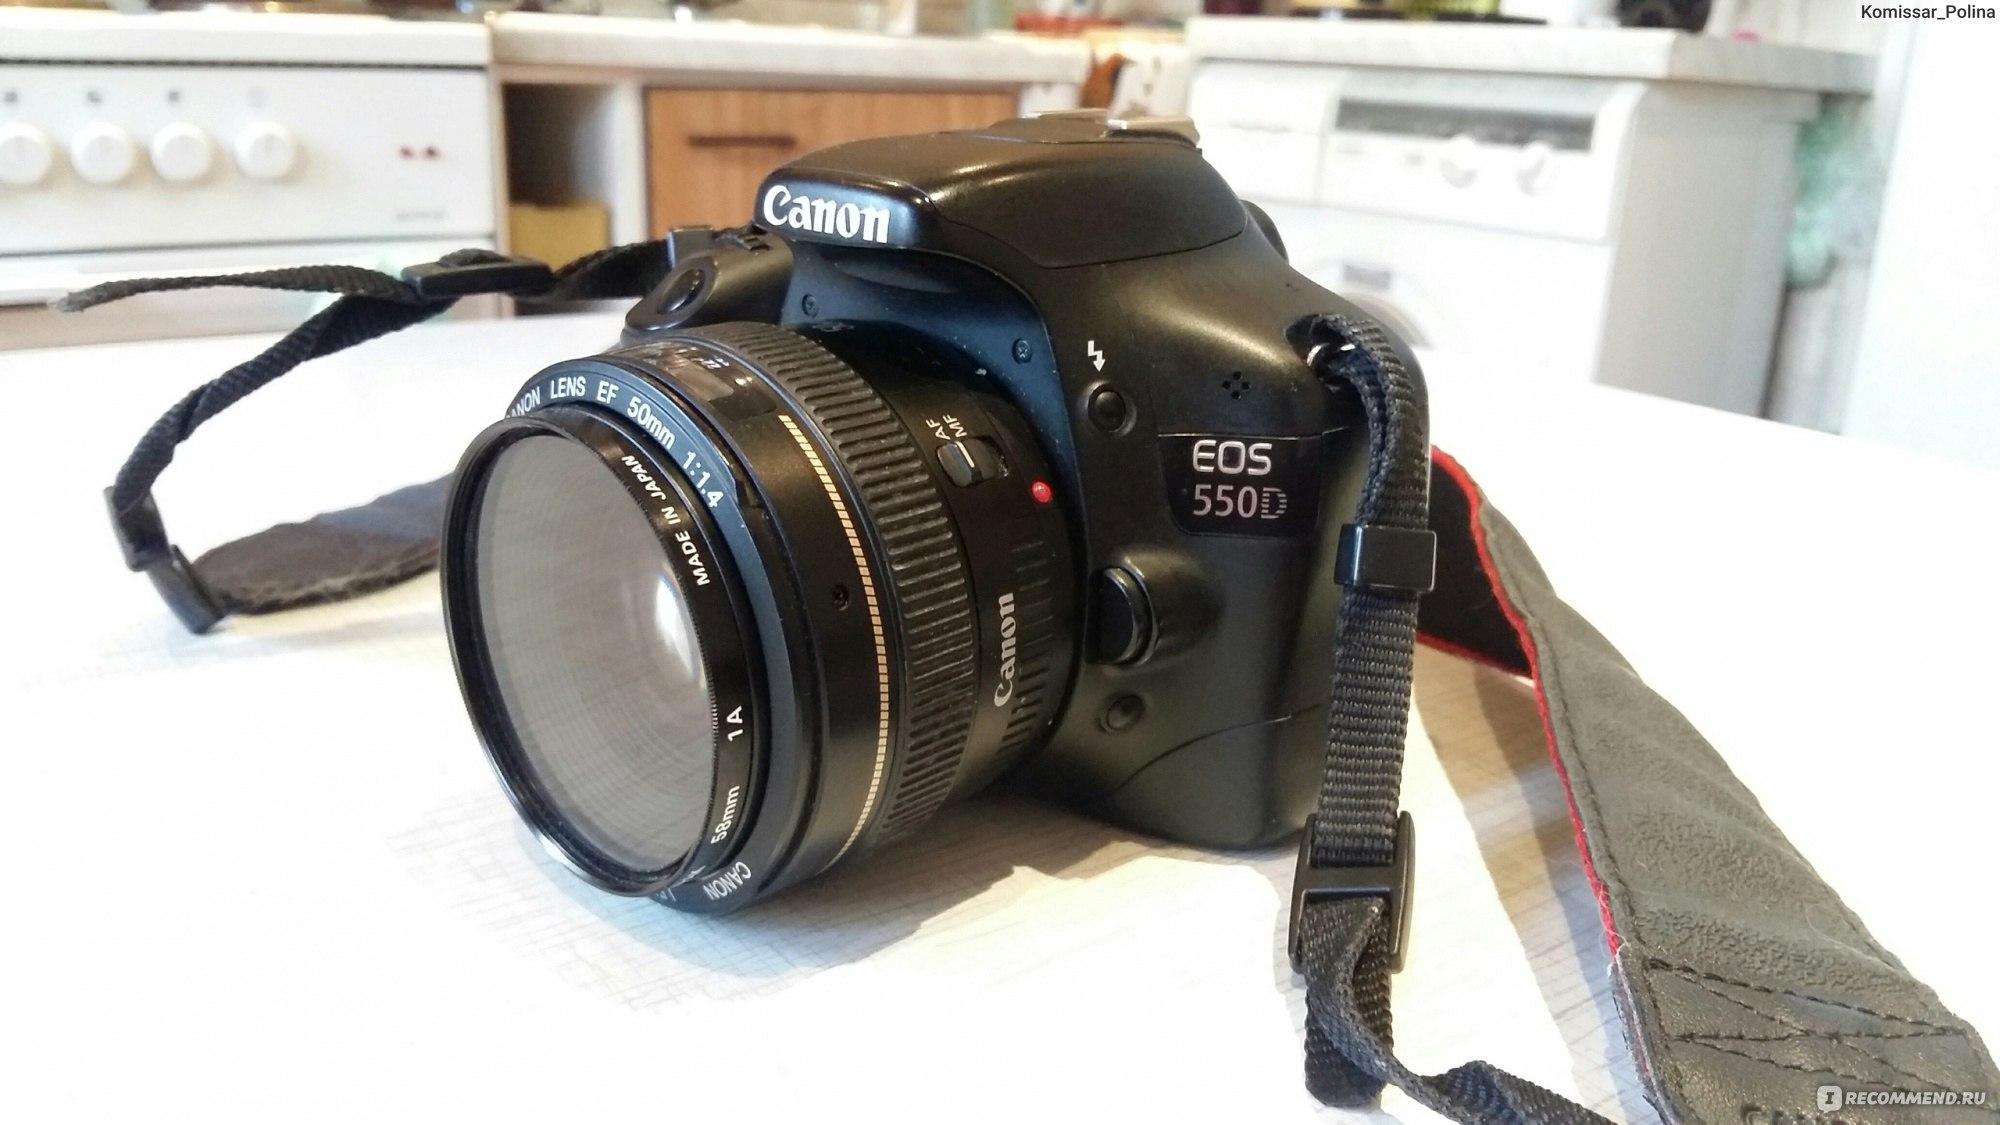 изысканным фотоаппарат с хорошим размытым фоном и зумом кольцом середине, движение